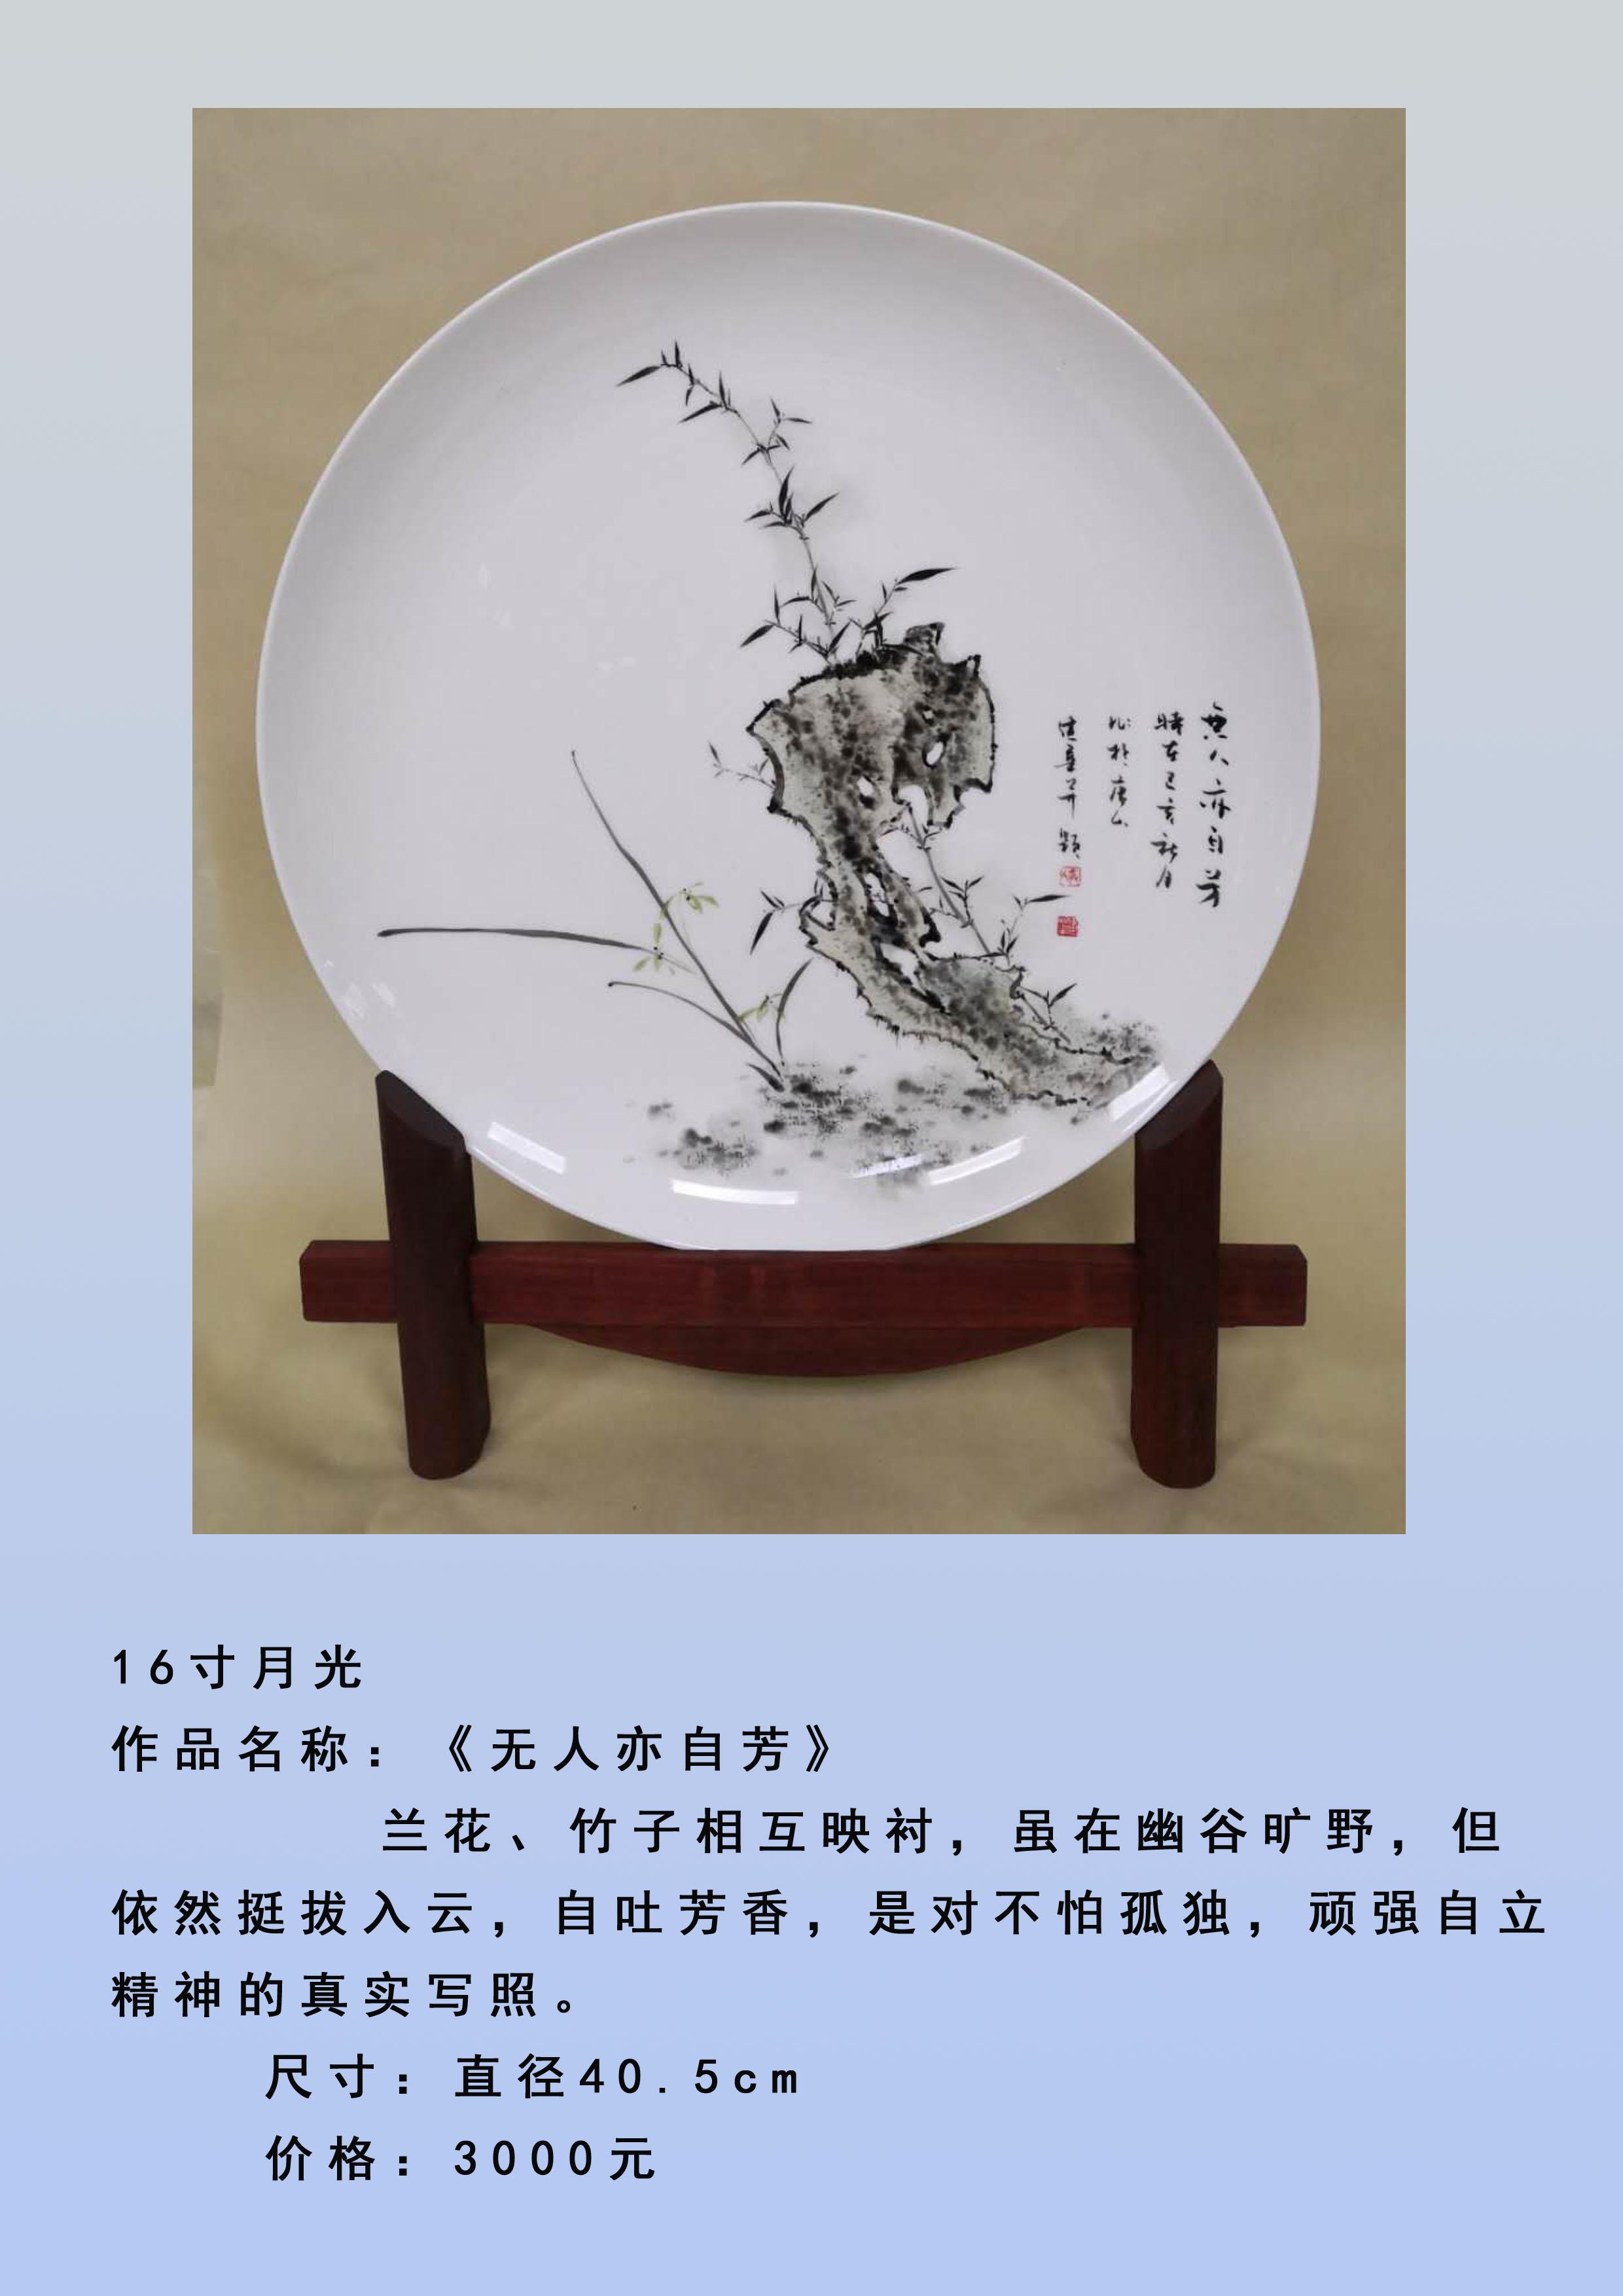 16寸月光骨瓷艺术品